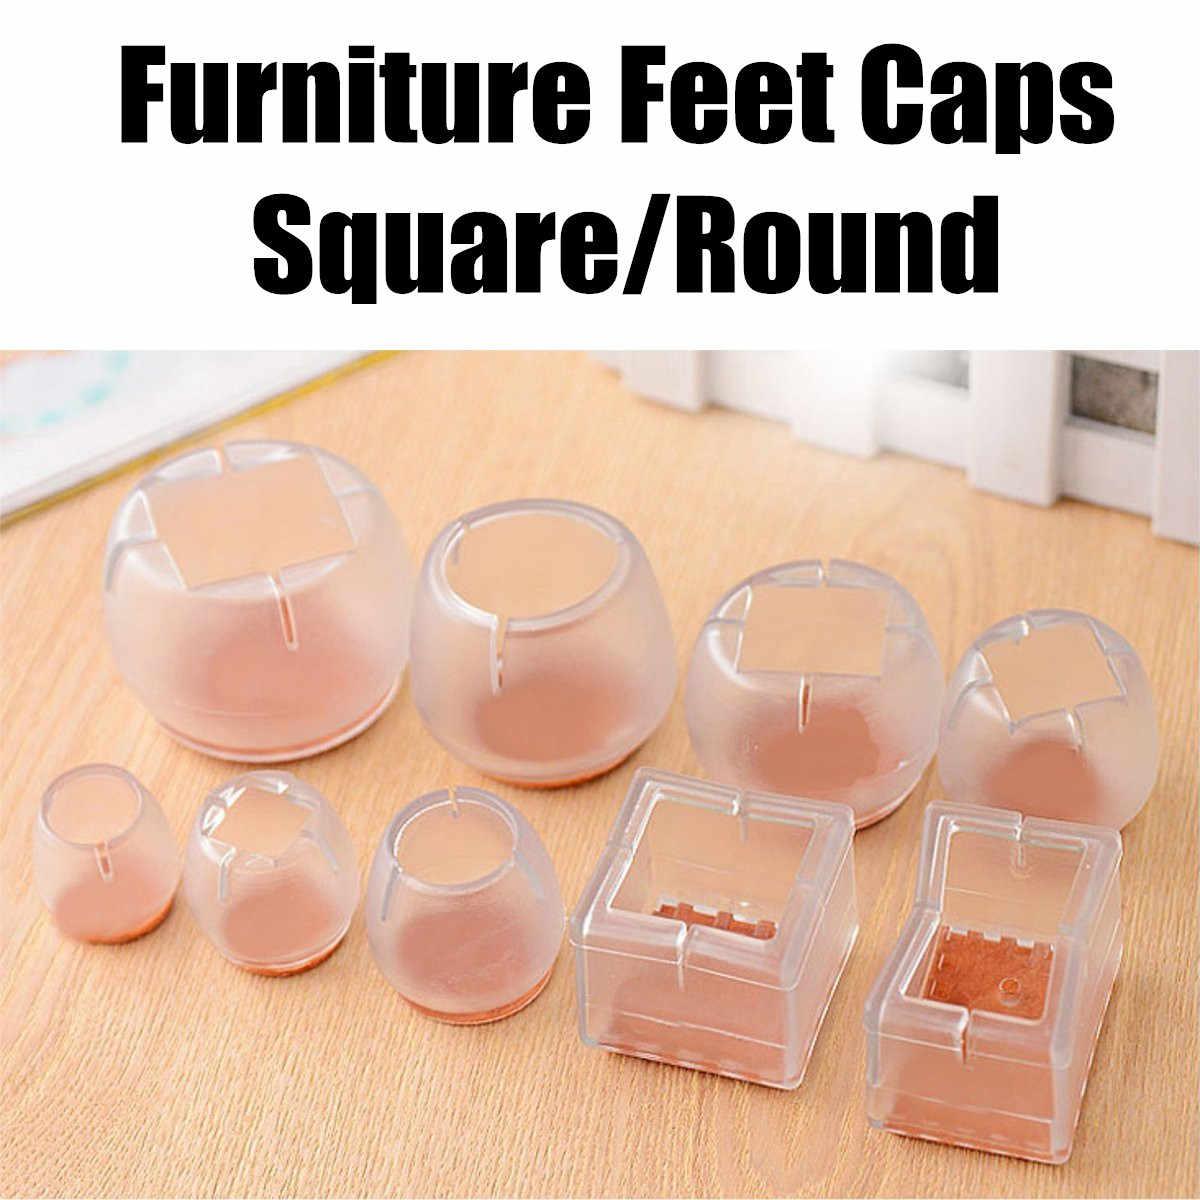 Silla redonda cuadrada de silicona almohadilla de protección de pie para pies muebles cubierta de Tapa de Base de mesa protección de suelo antideslizante partes de pies de muebles